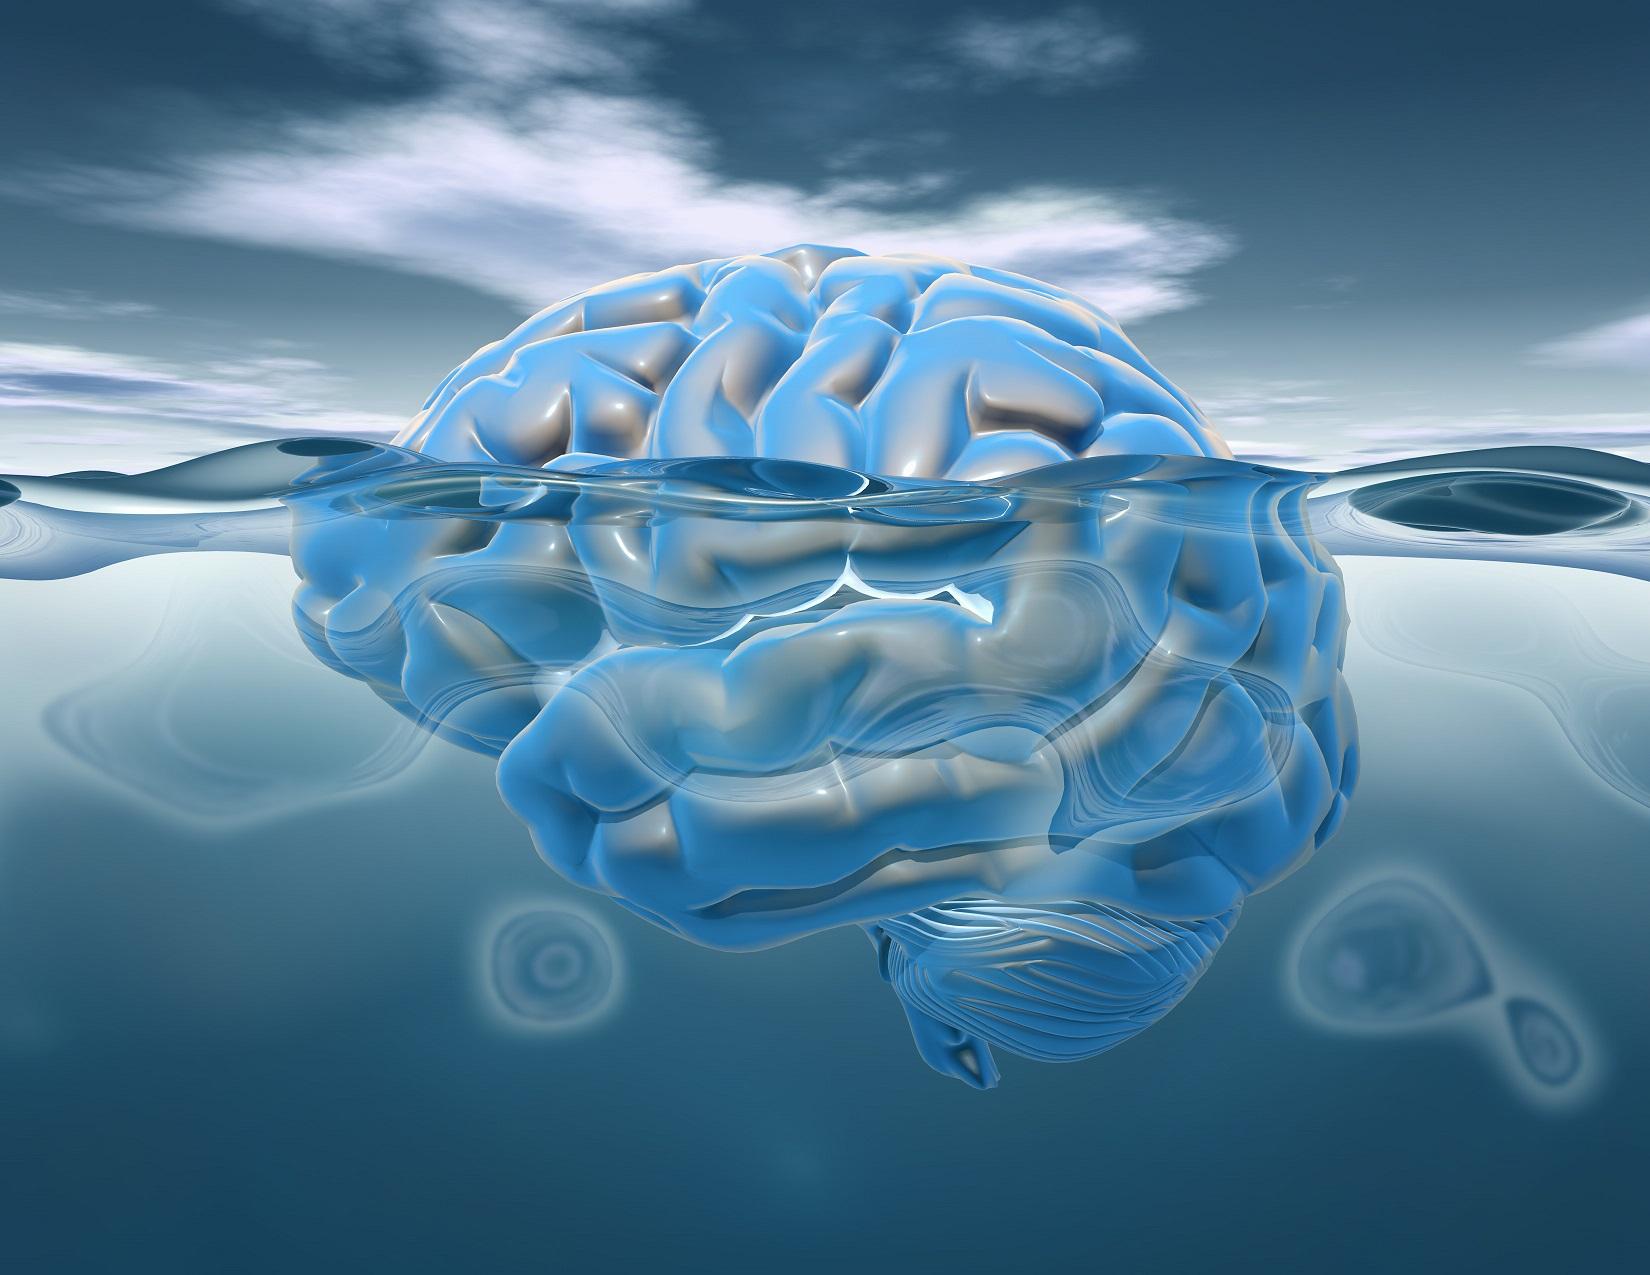 あなたの潜在意識を書き換える効果的な方法